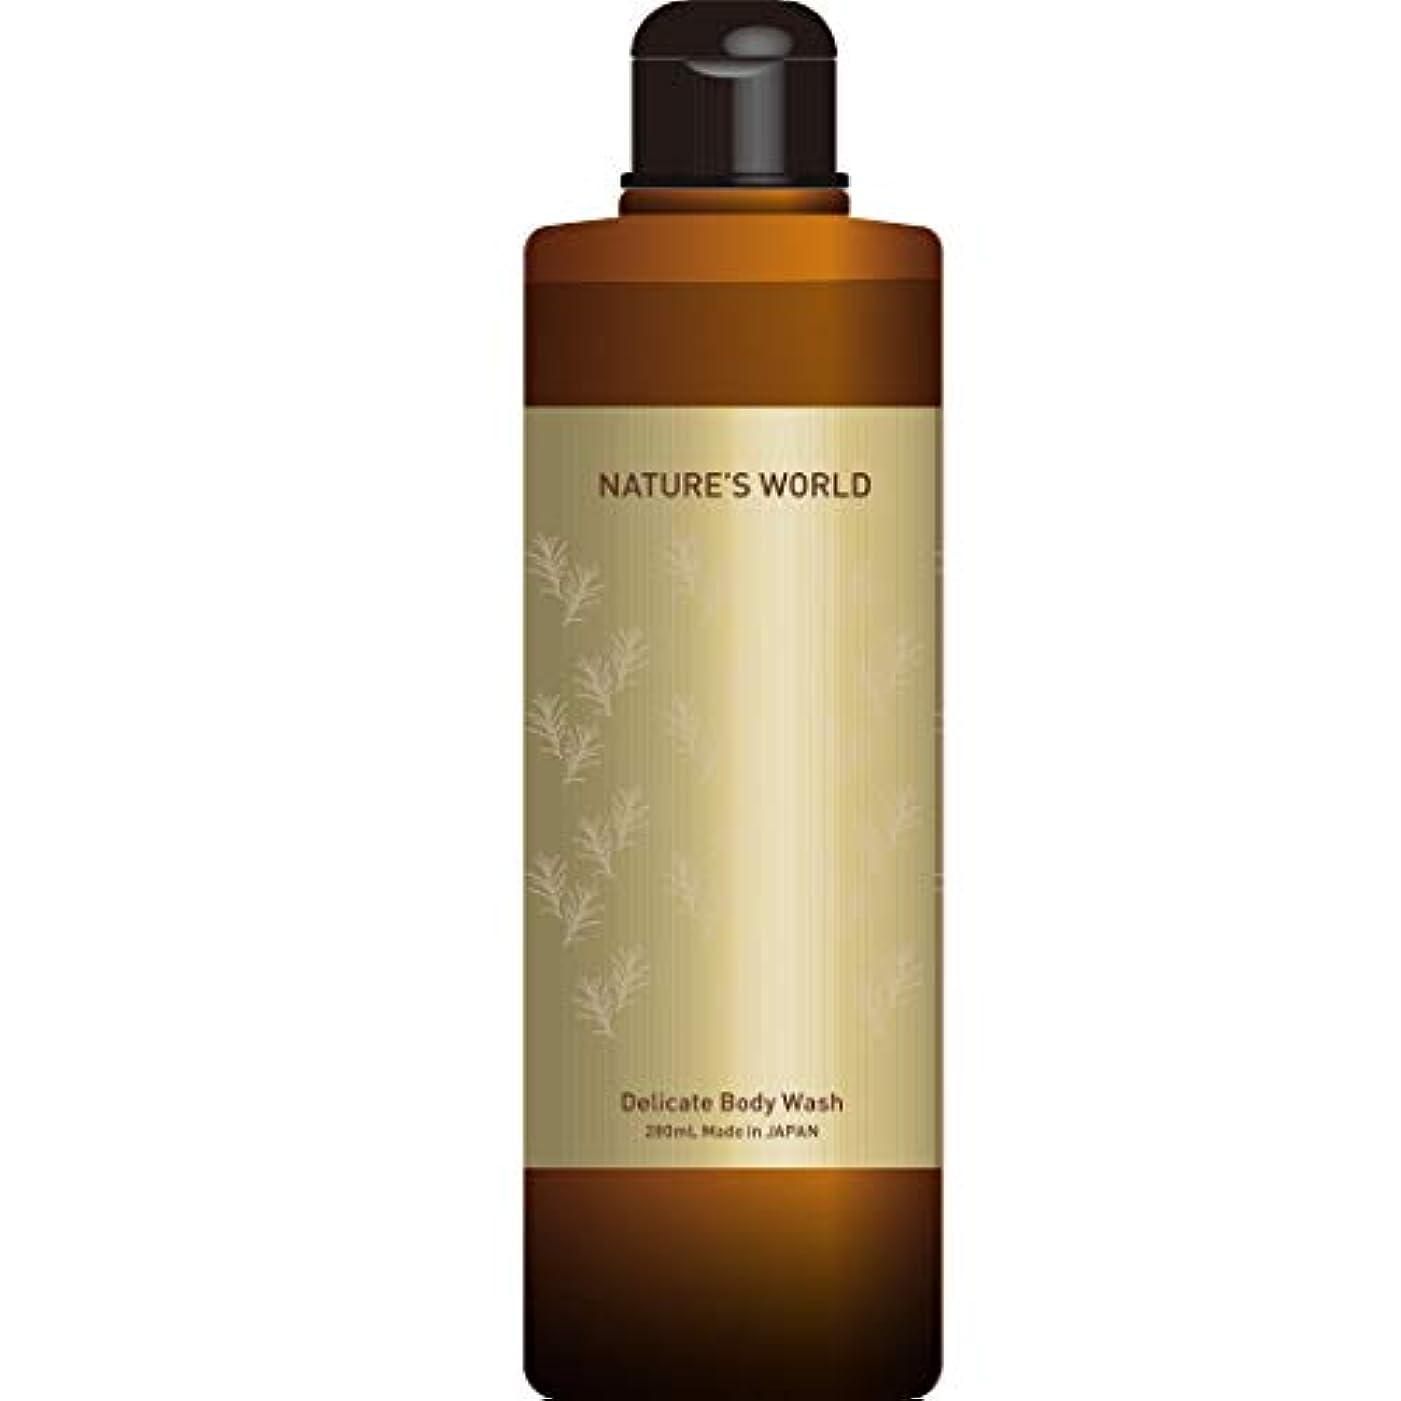 かもめ平和レンディションNATURE'S WORLD(ネイチャーズワールド) Nature's World デリケートボディソープ シトラスフローラルの香り 280ml